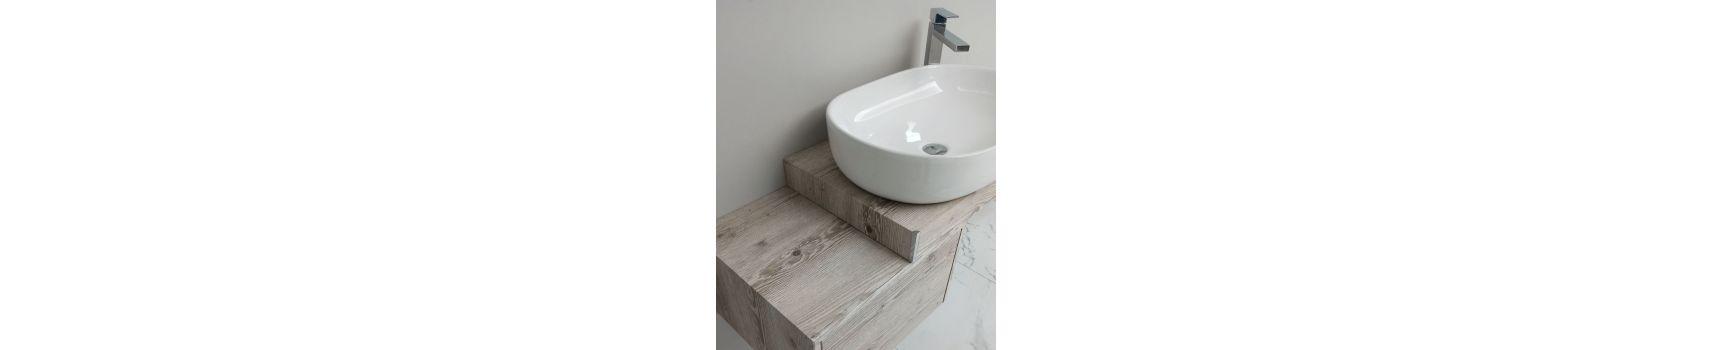 Mensoloni per il bagno prodotti in Italia | Boleco